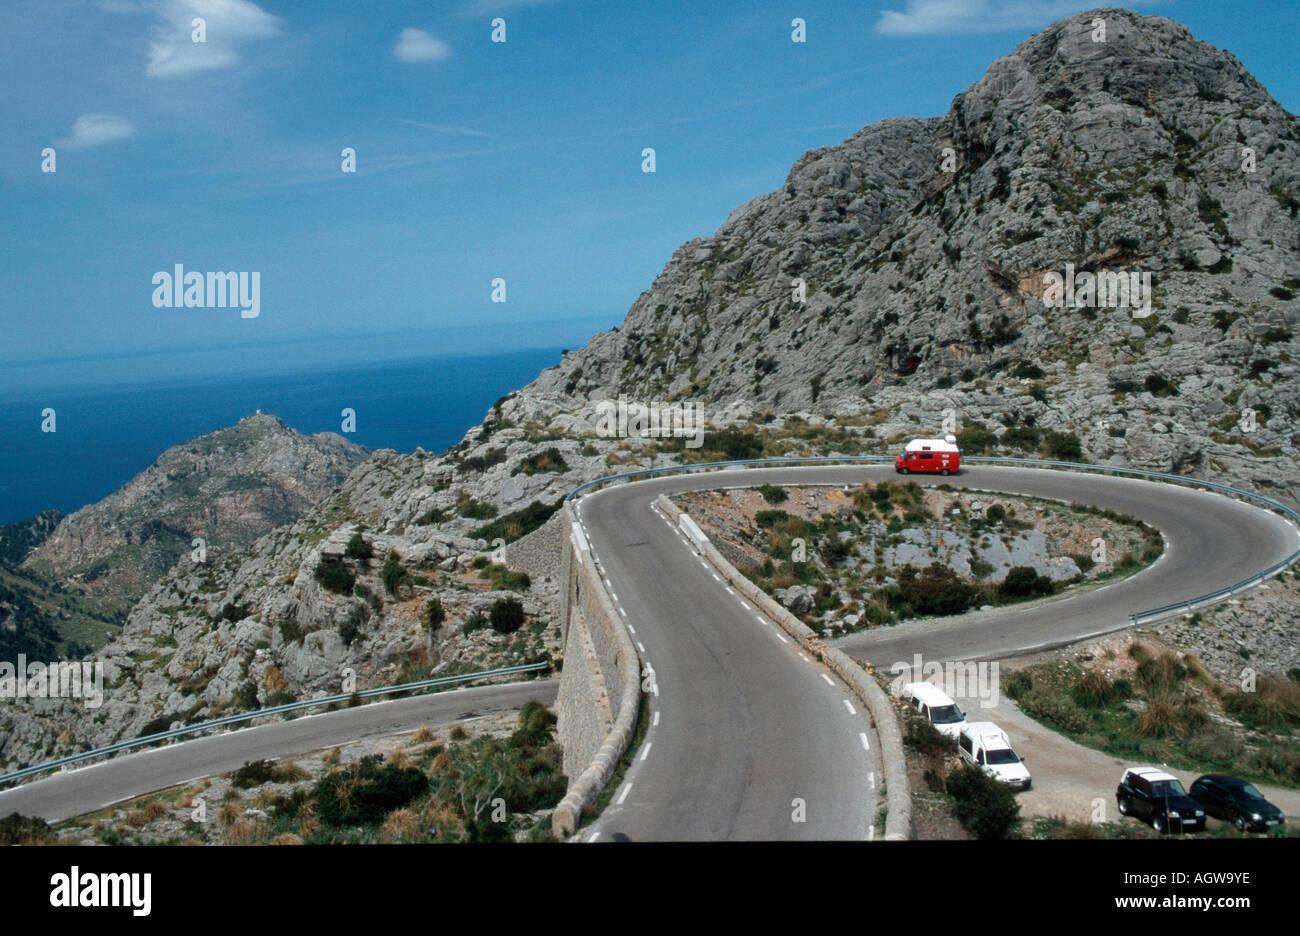 Road to Sa Calobra - Stock Image